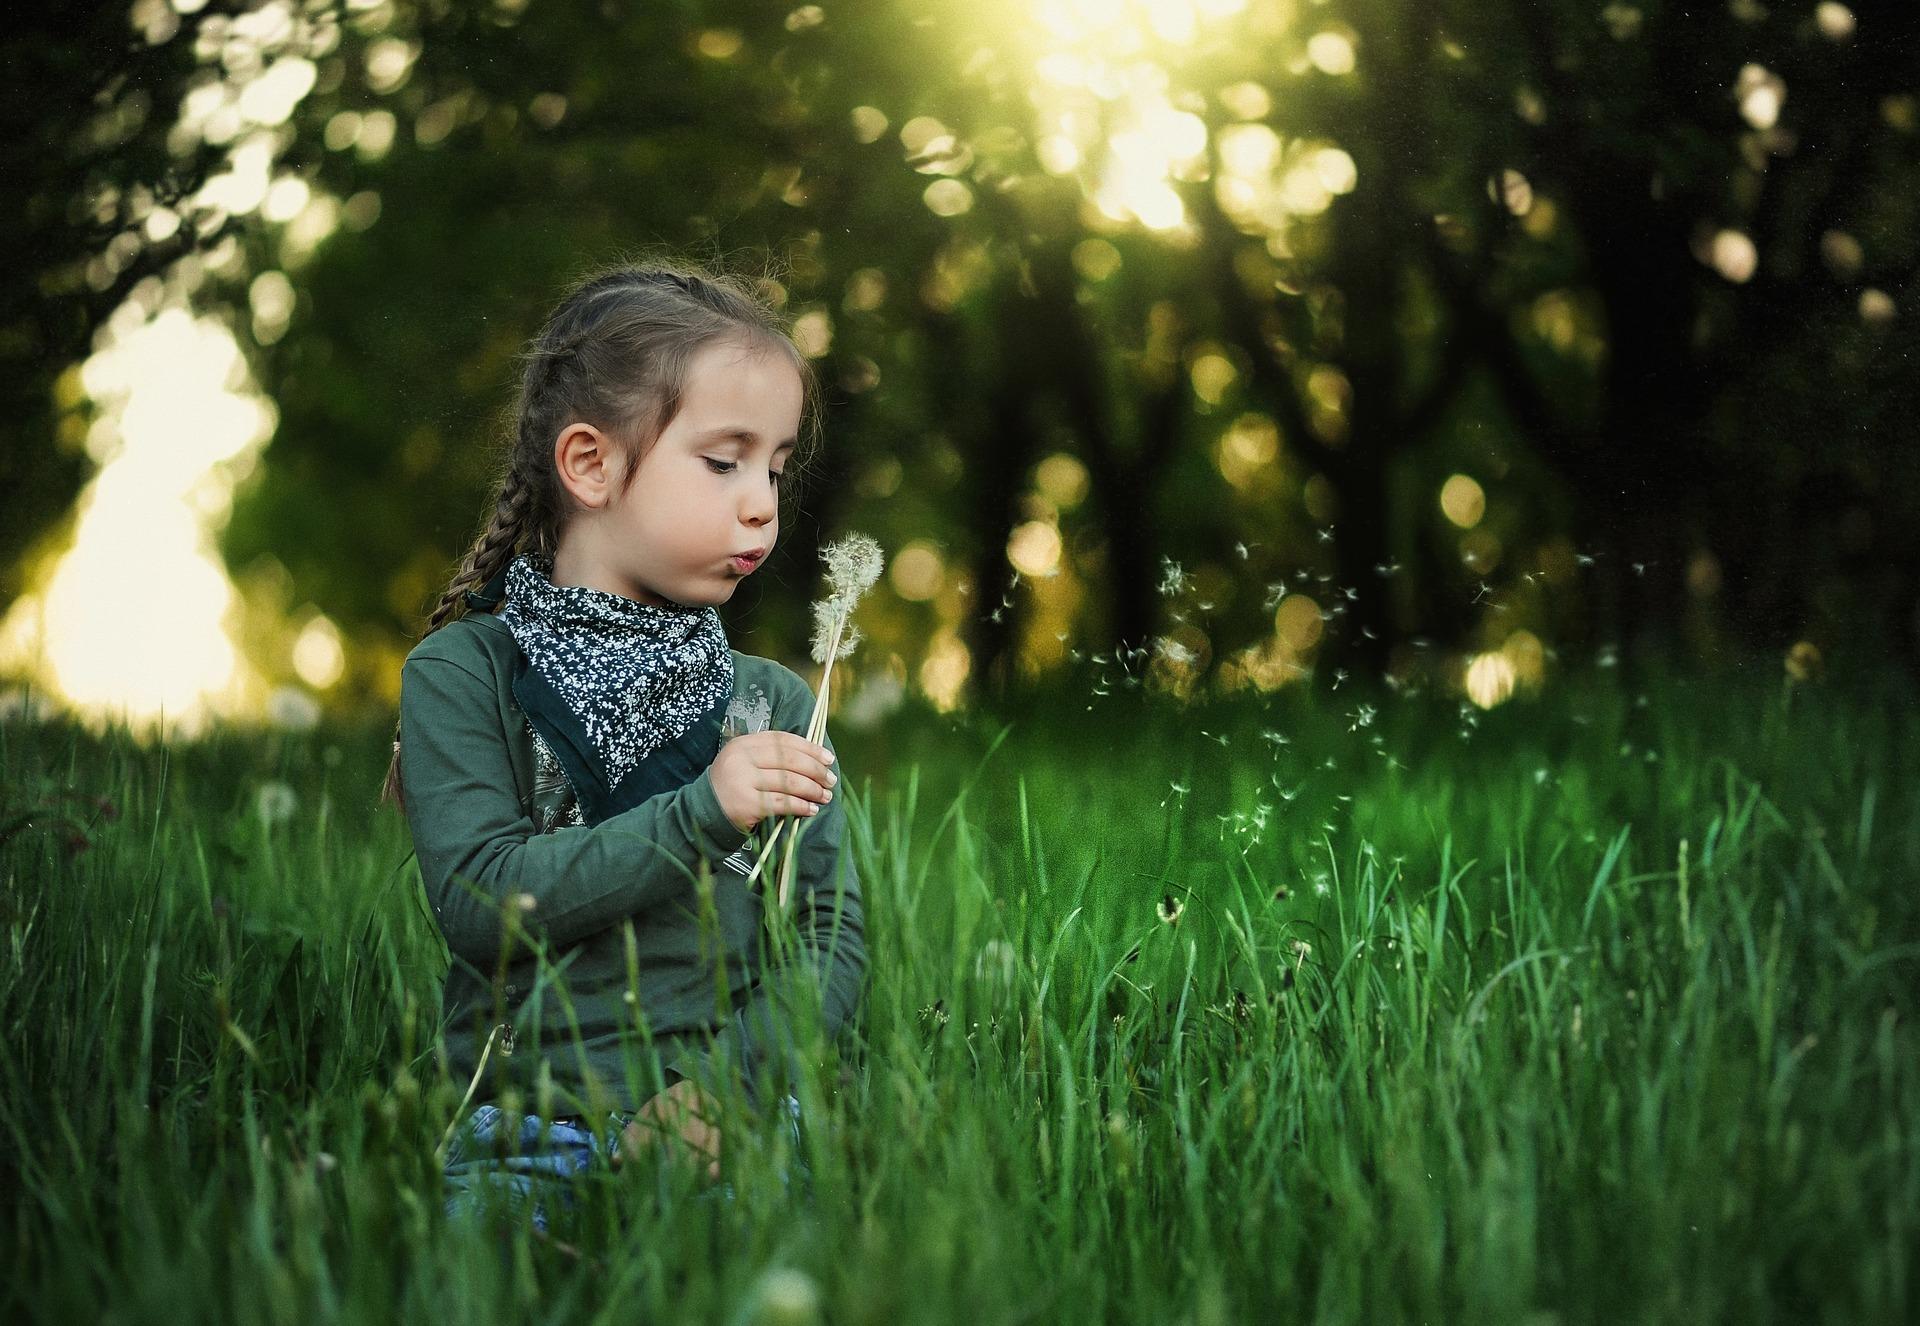 Ważna ekologiczna edukacja dzieci